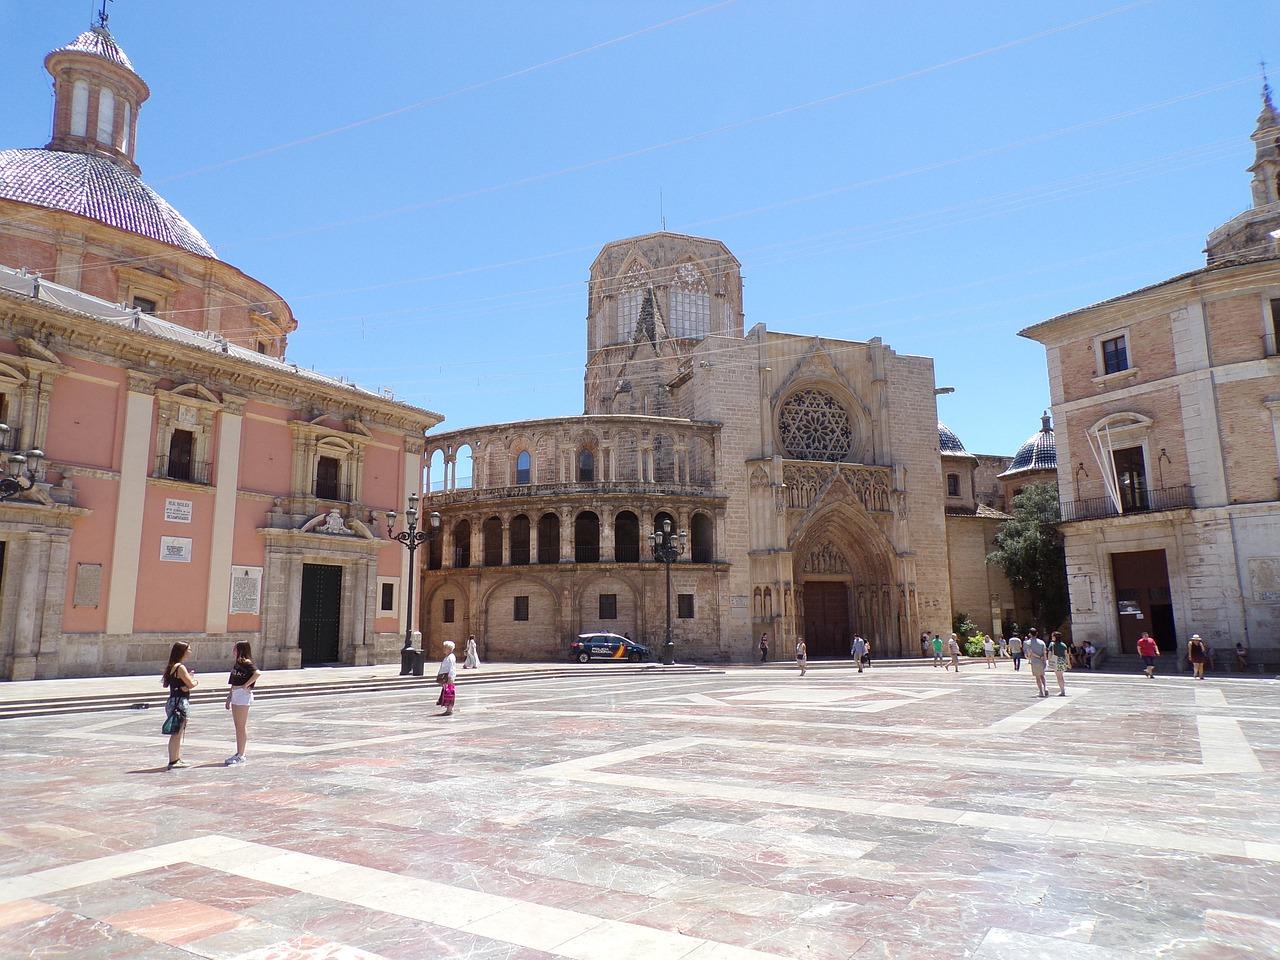 Valencia, Architektur, Urlaub, Reise